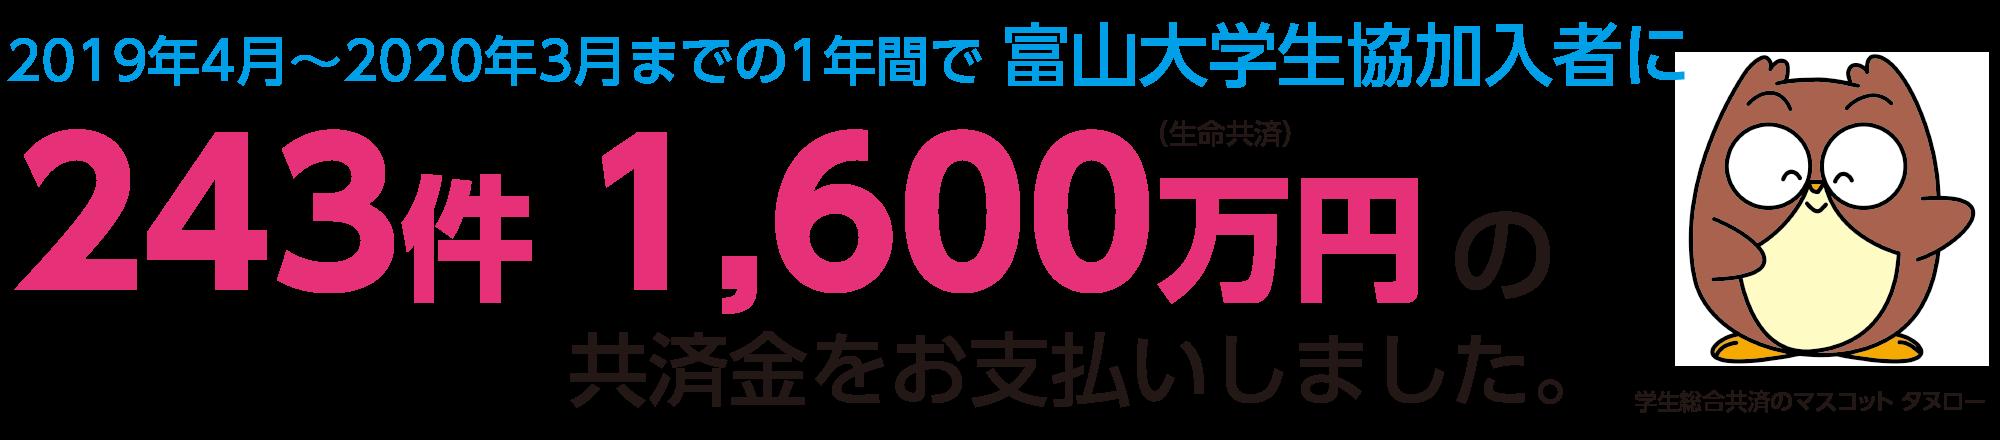 2019年4月〜2020年3月までの1年間で 富山大学生協加入者に243件1,600万円の共済金をお支払いしました。